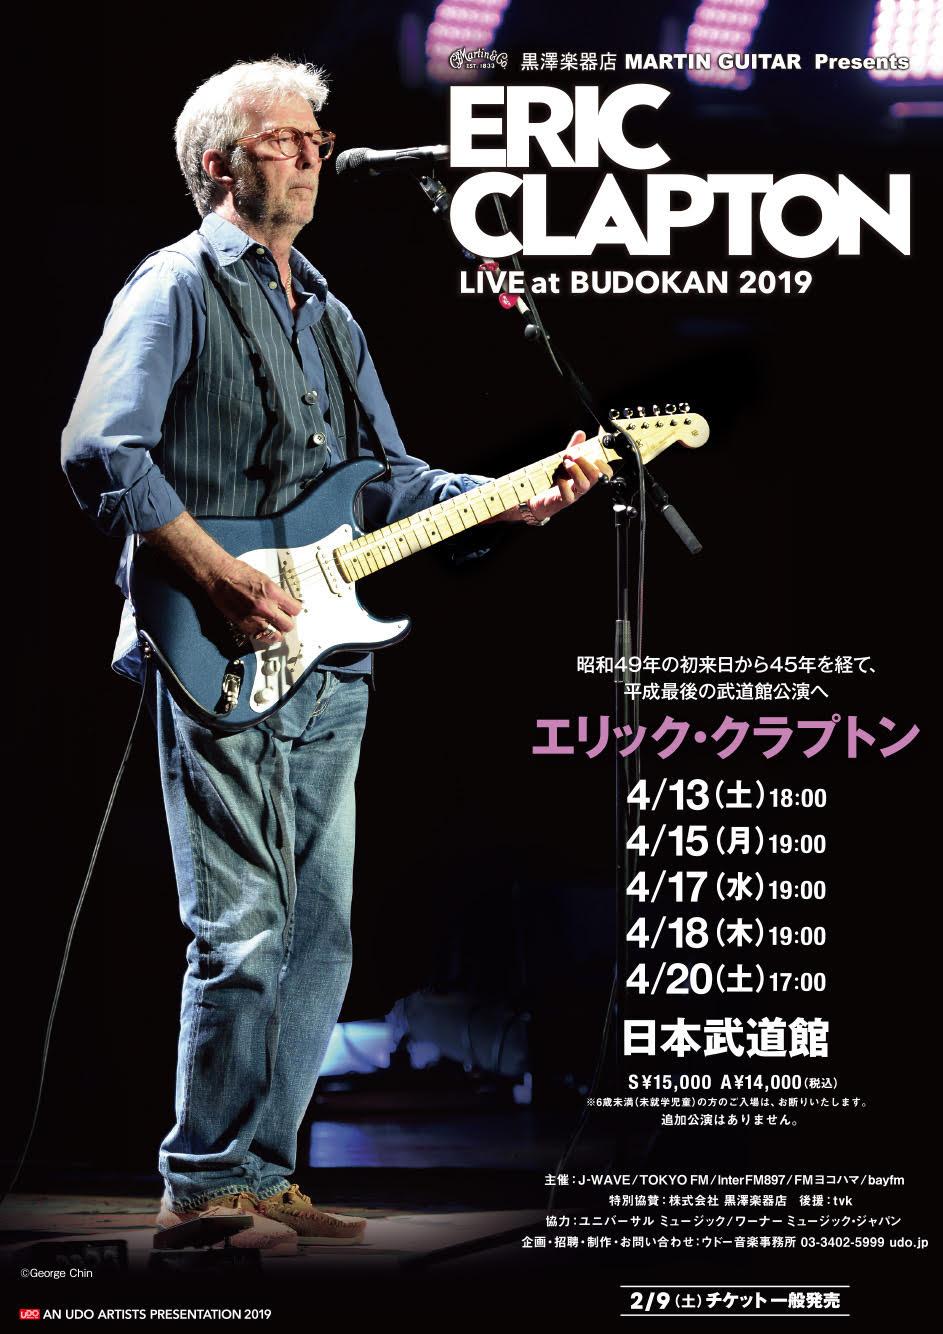 黒澤楽器店 MARTIN GUITAR Presents ERIC CLAPTON LIVE at BUDOKAN 2019